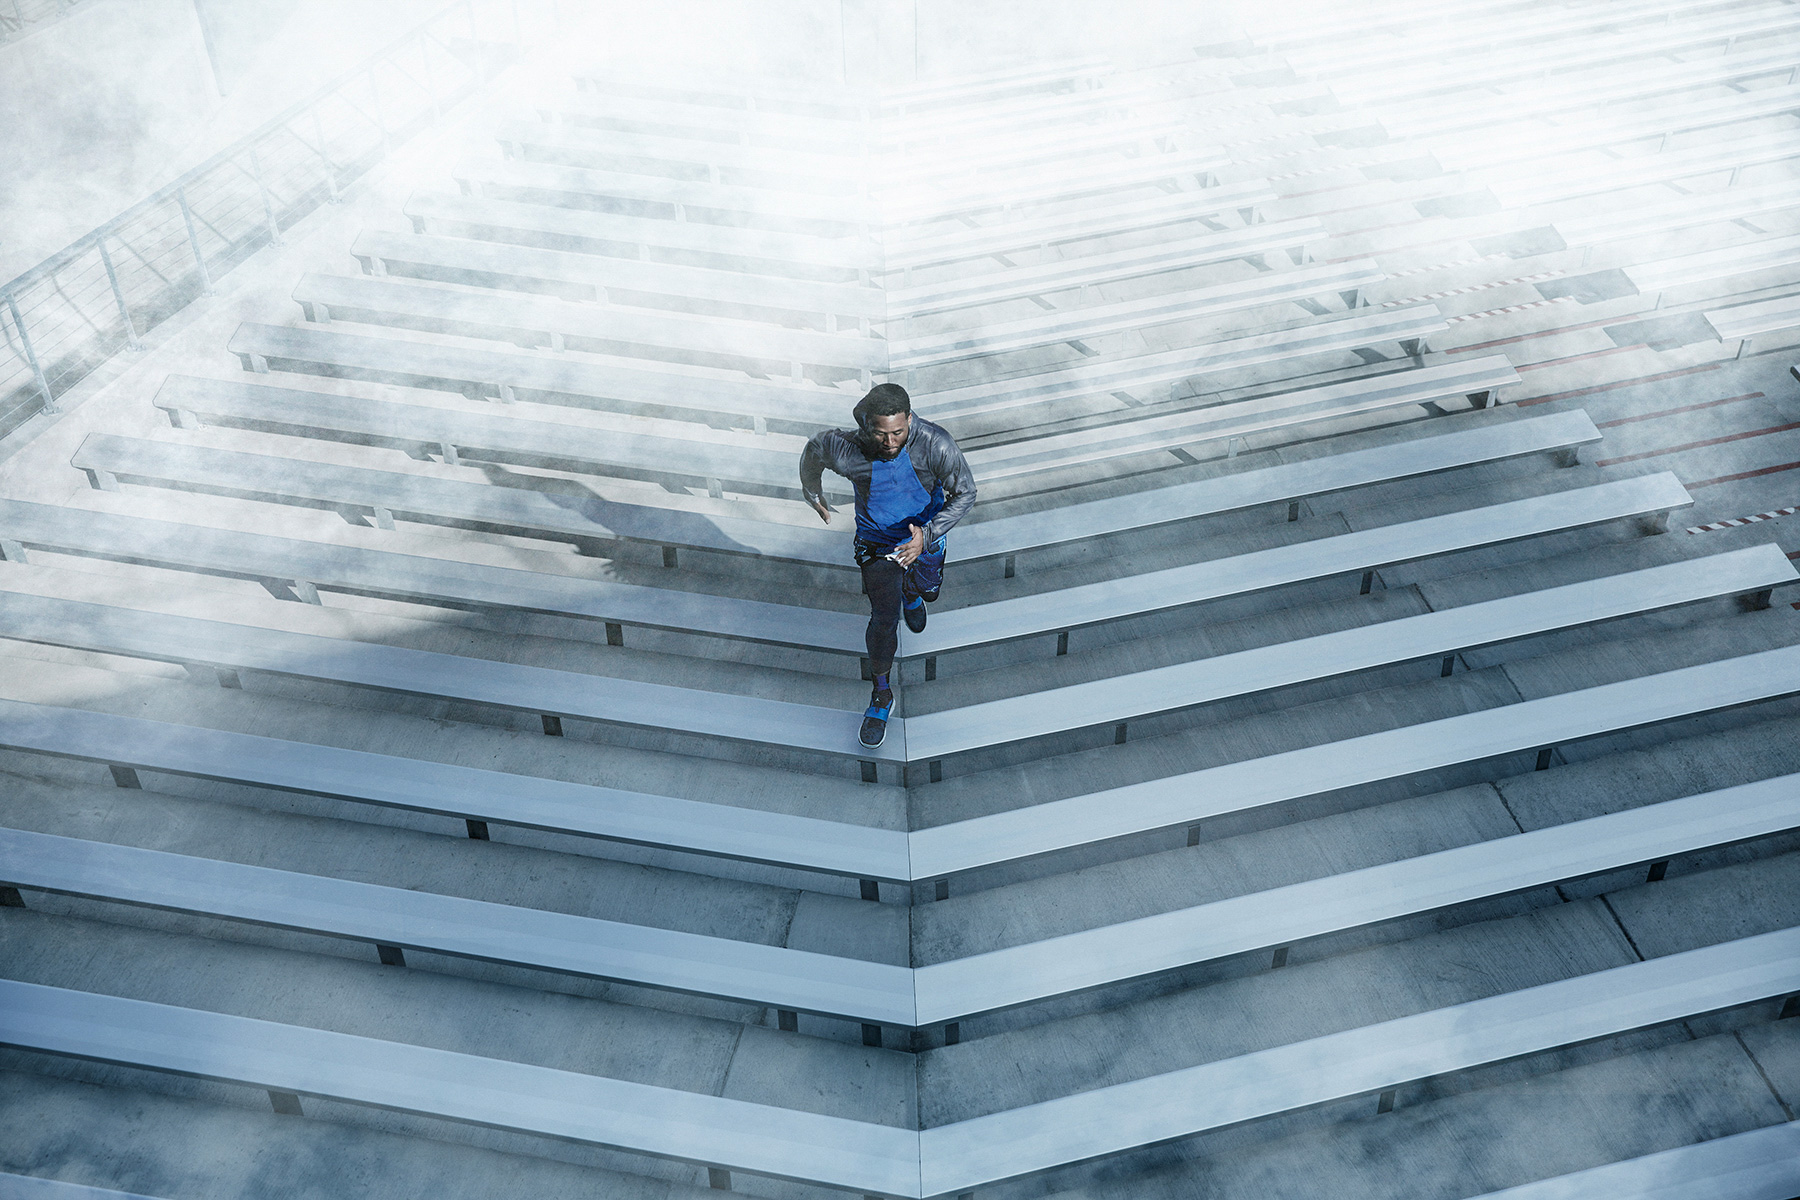 Photographer Ture Lillegraven for Nike | Jordan Brand